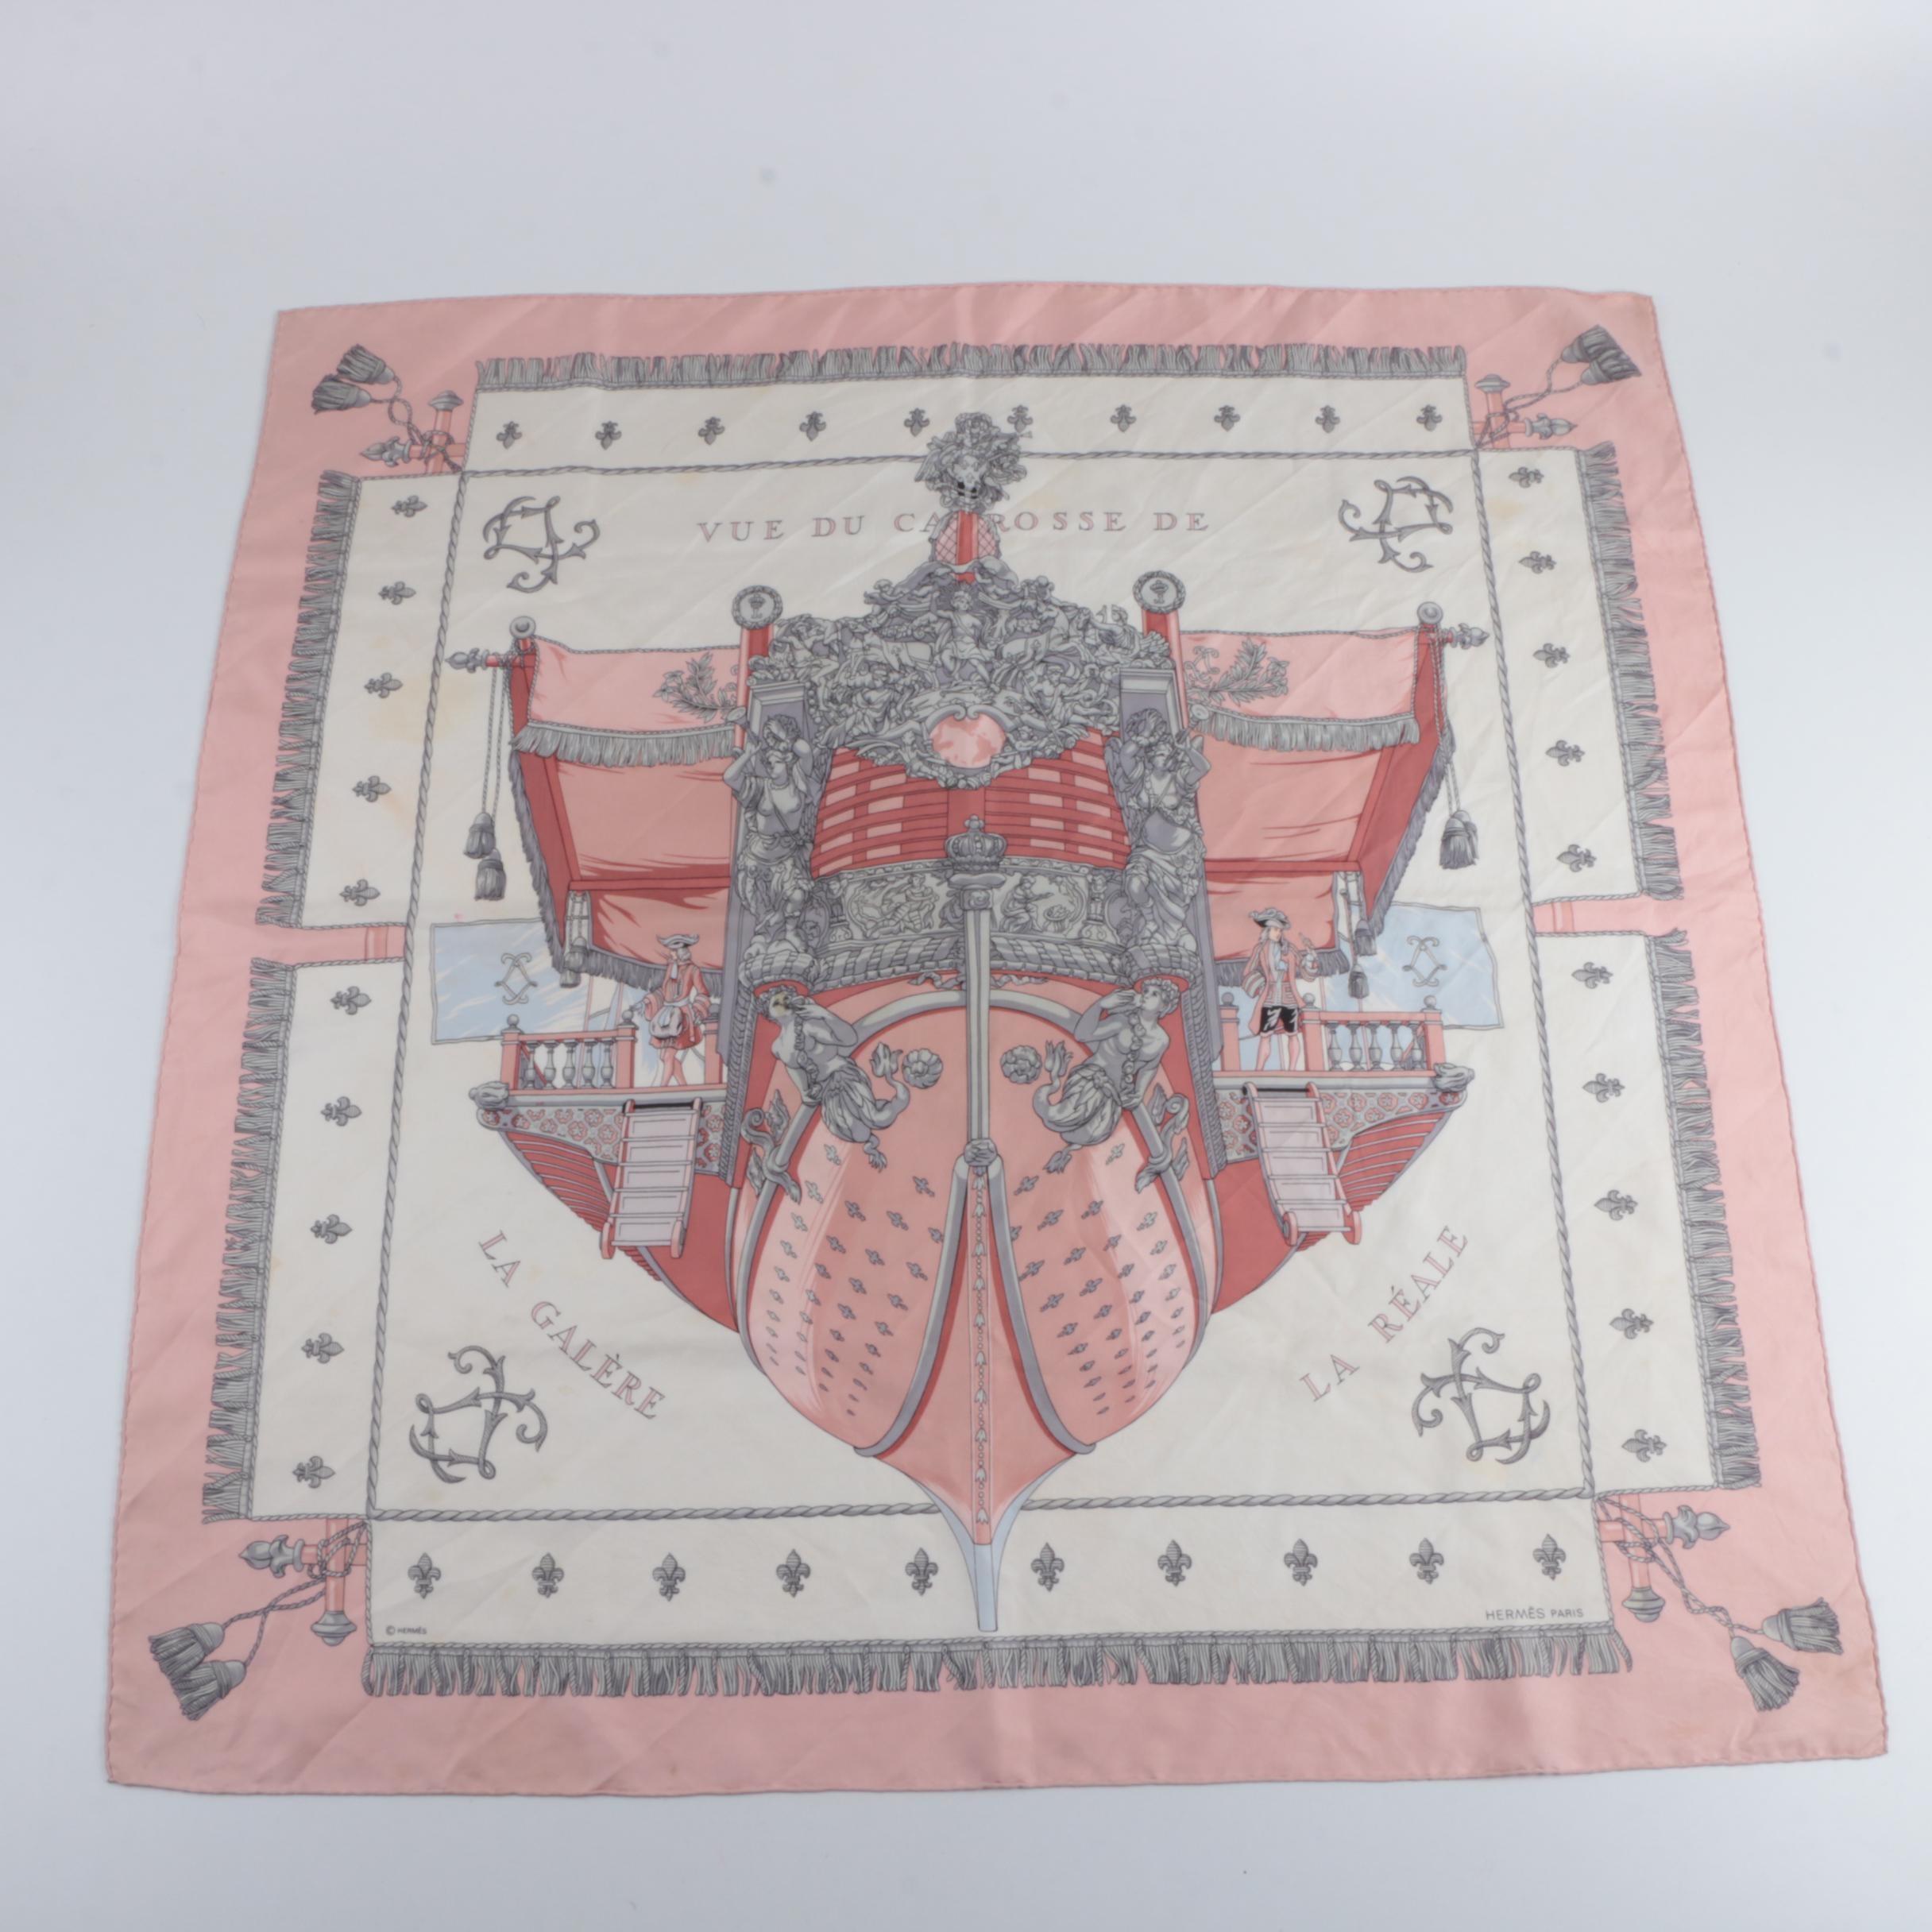 """Circa 1980s Vintage Hermès """"Vue Du Carrosse De La Galère La Réale"""" Silk Scarf"""